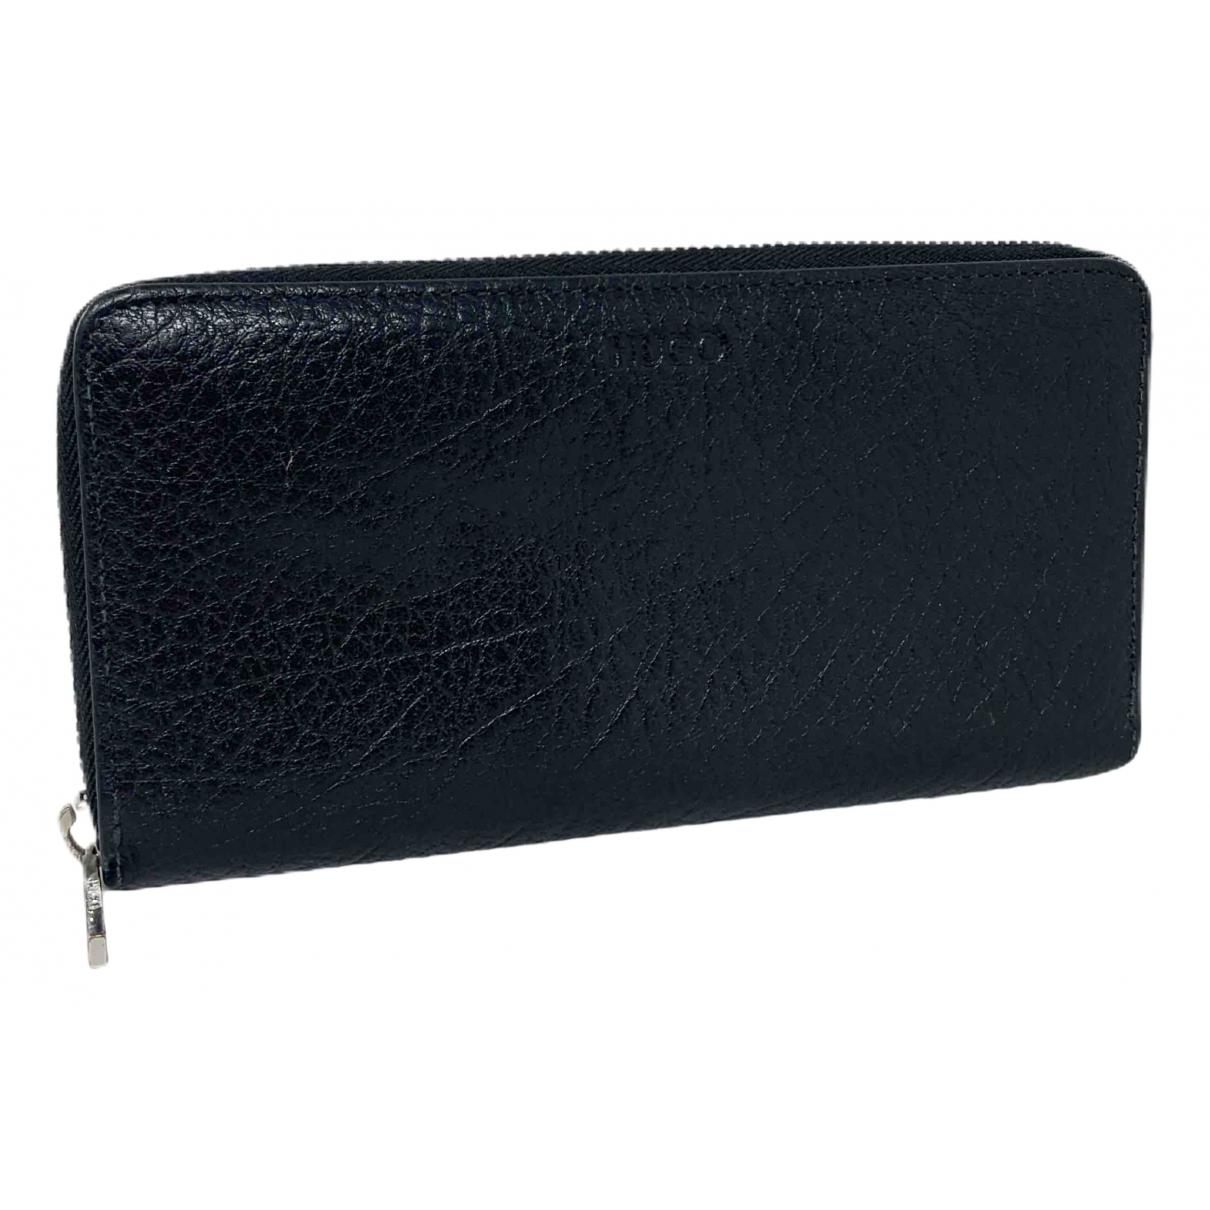 Hugo Boss - Portefeuille   pour femme en cuir - noir